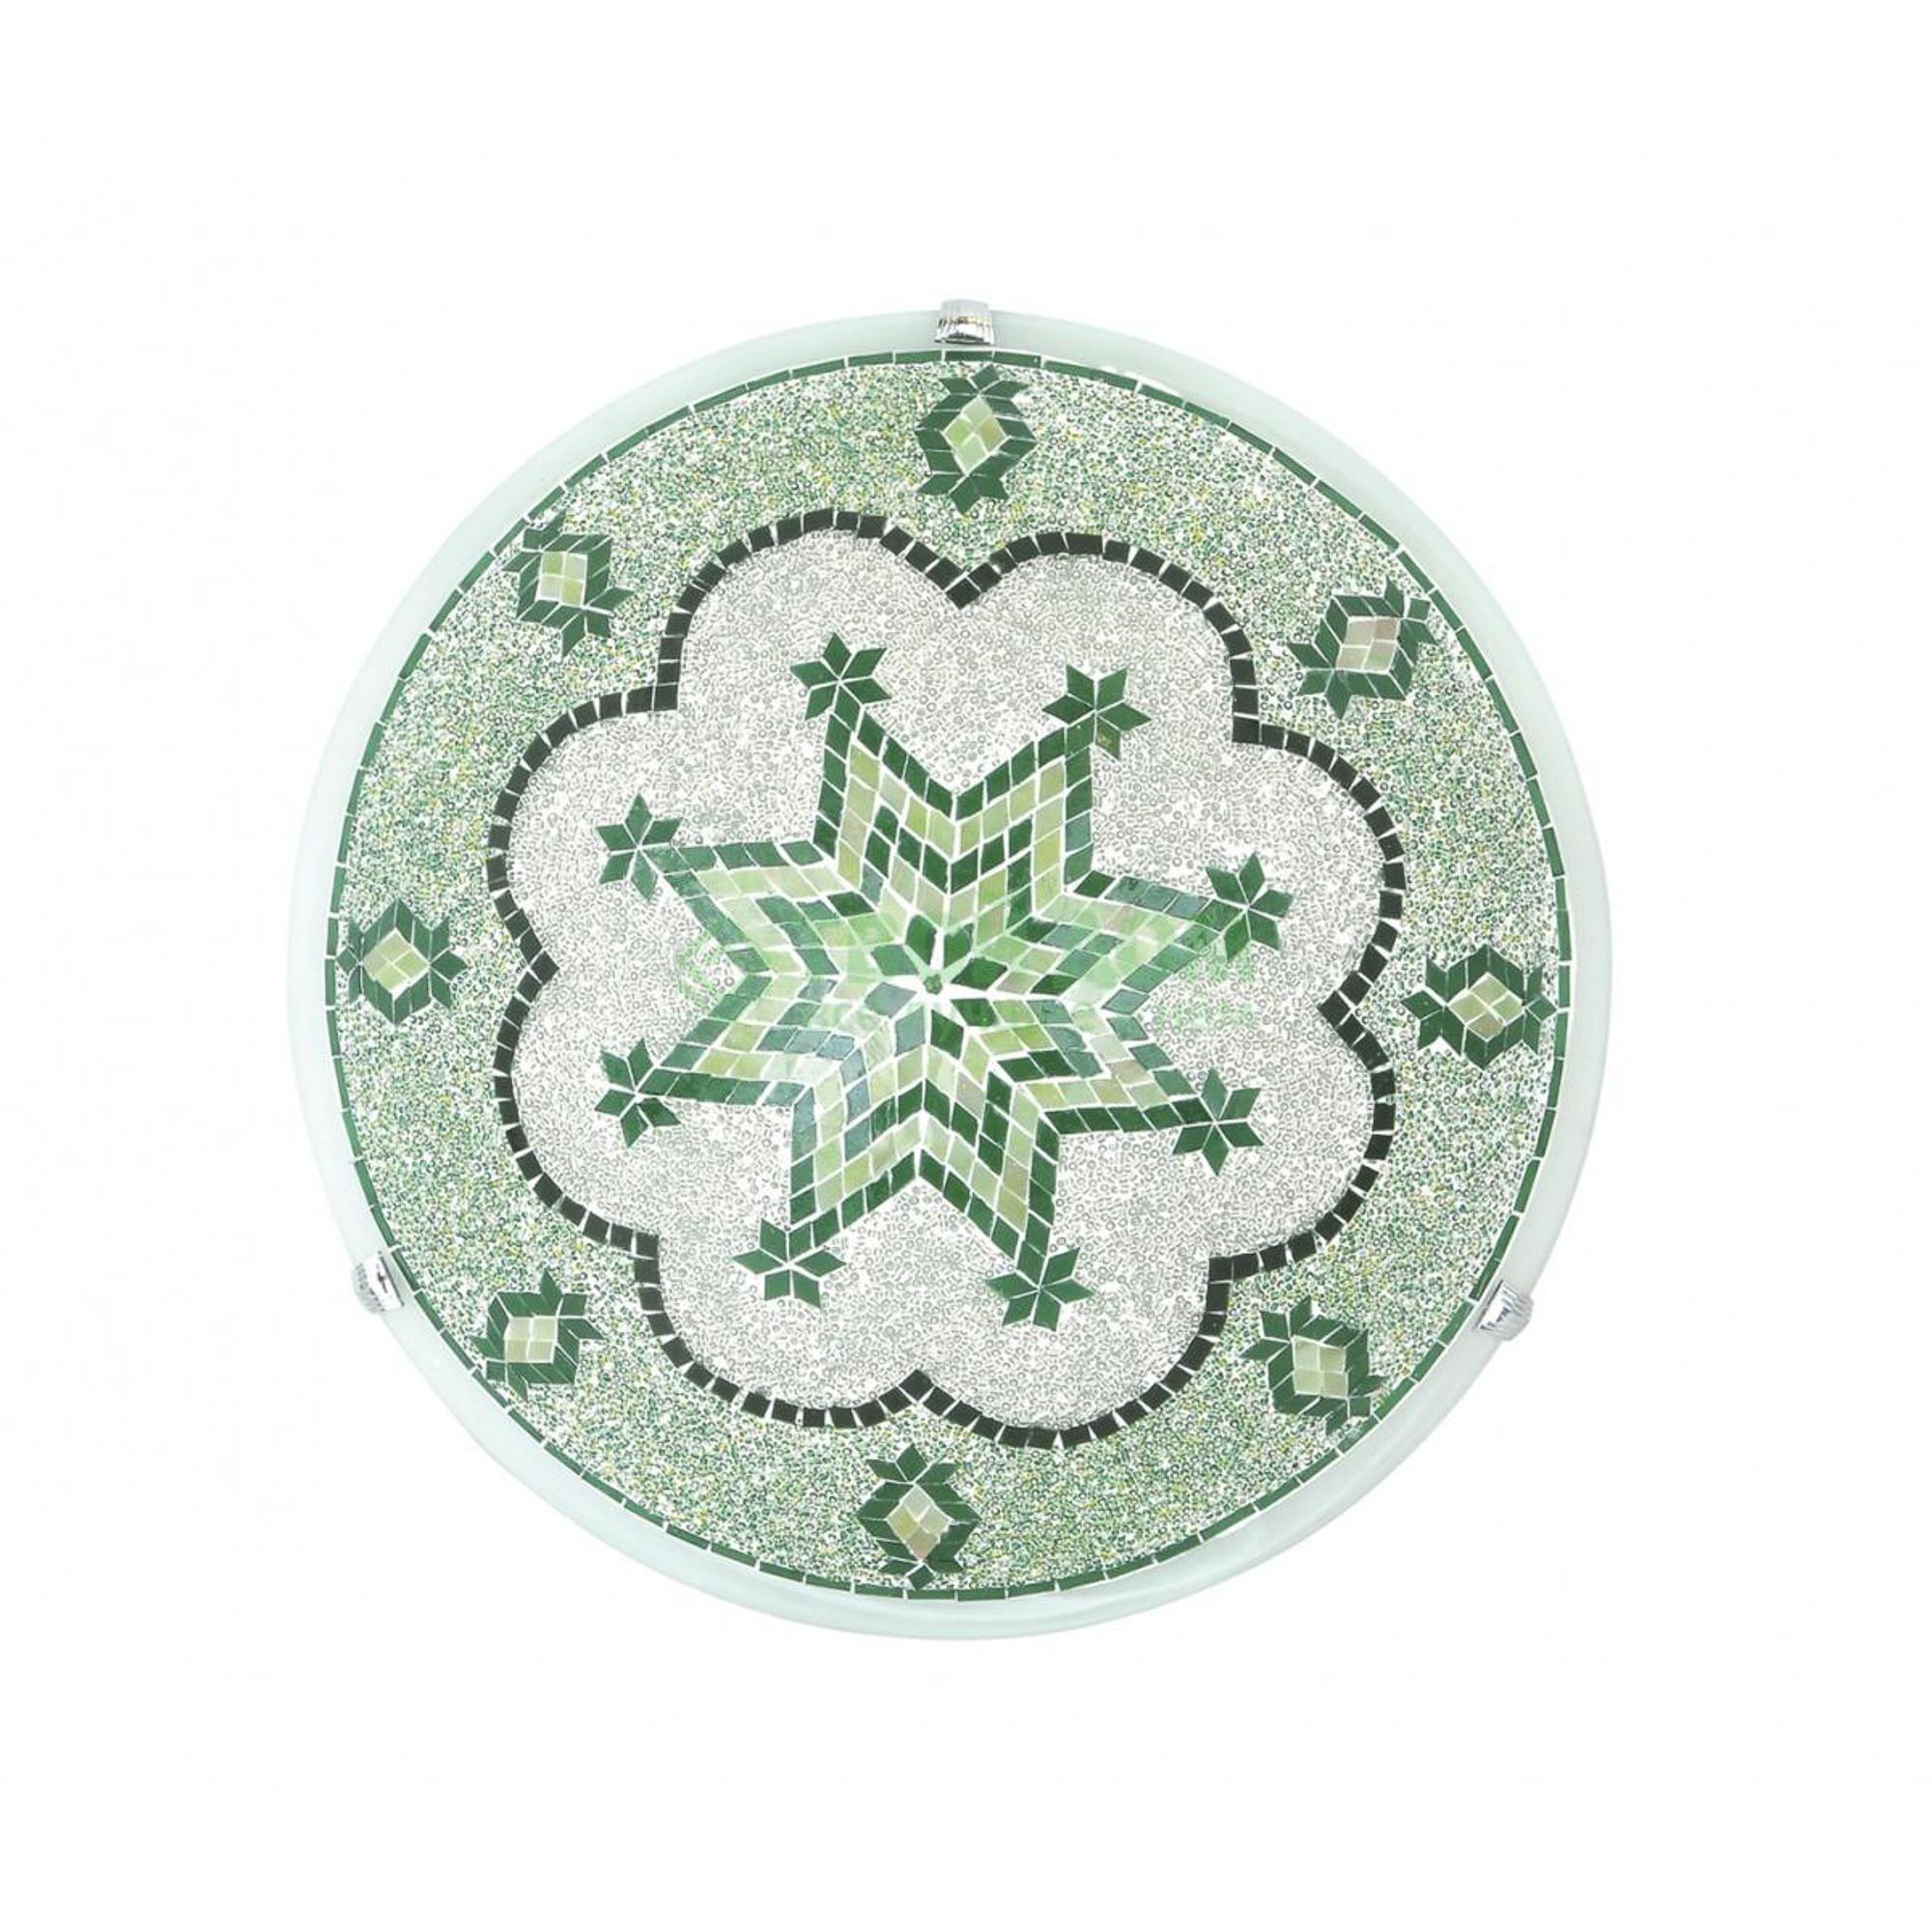 Потолочный светильник Exotic 893 Зеленый